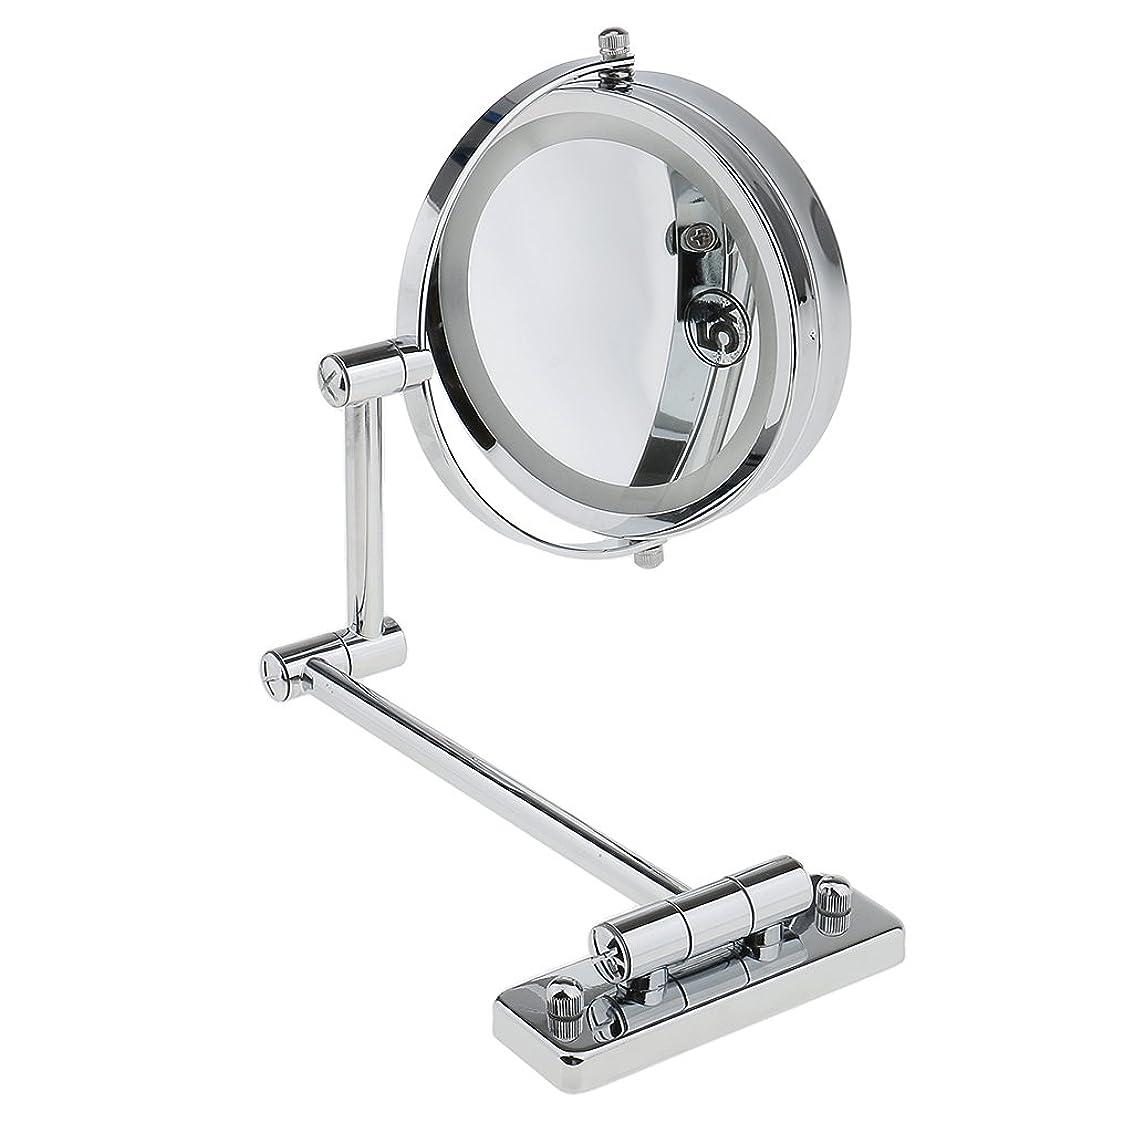 磁気調整する見出しKOZEEY SMDライト 両面ミラー 壁掛け式 5倍拡大鏡 360度回転 エチケットチェック